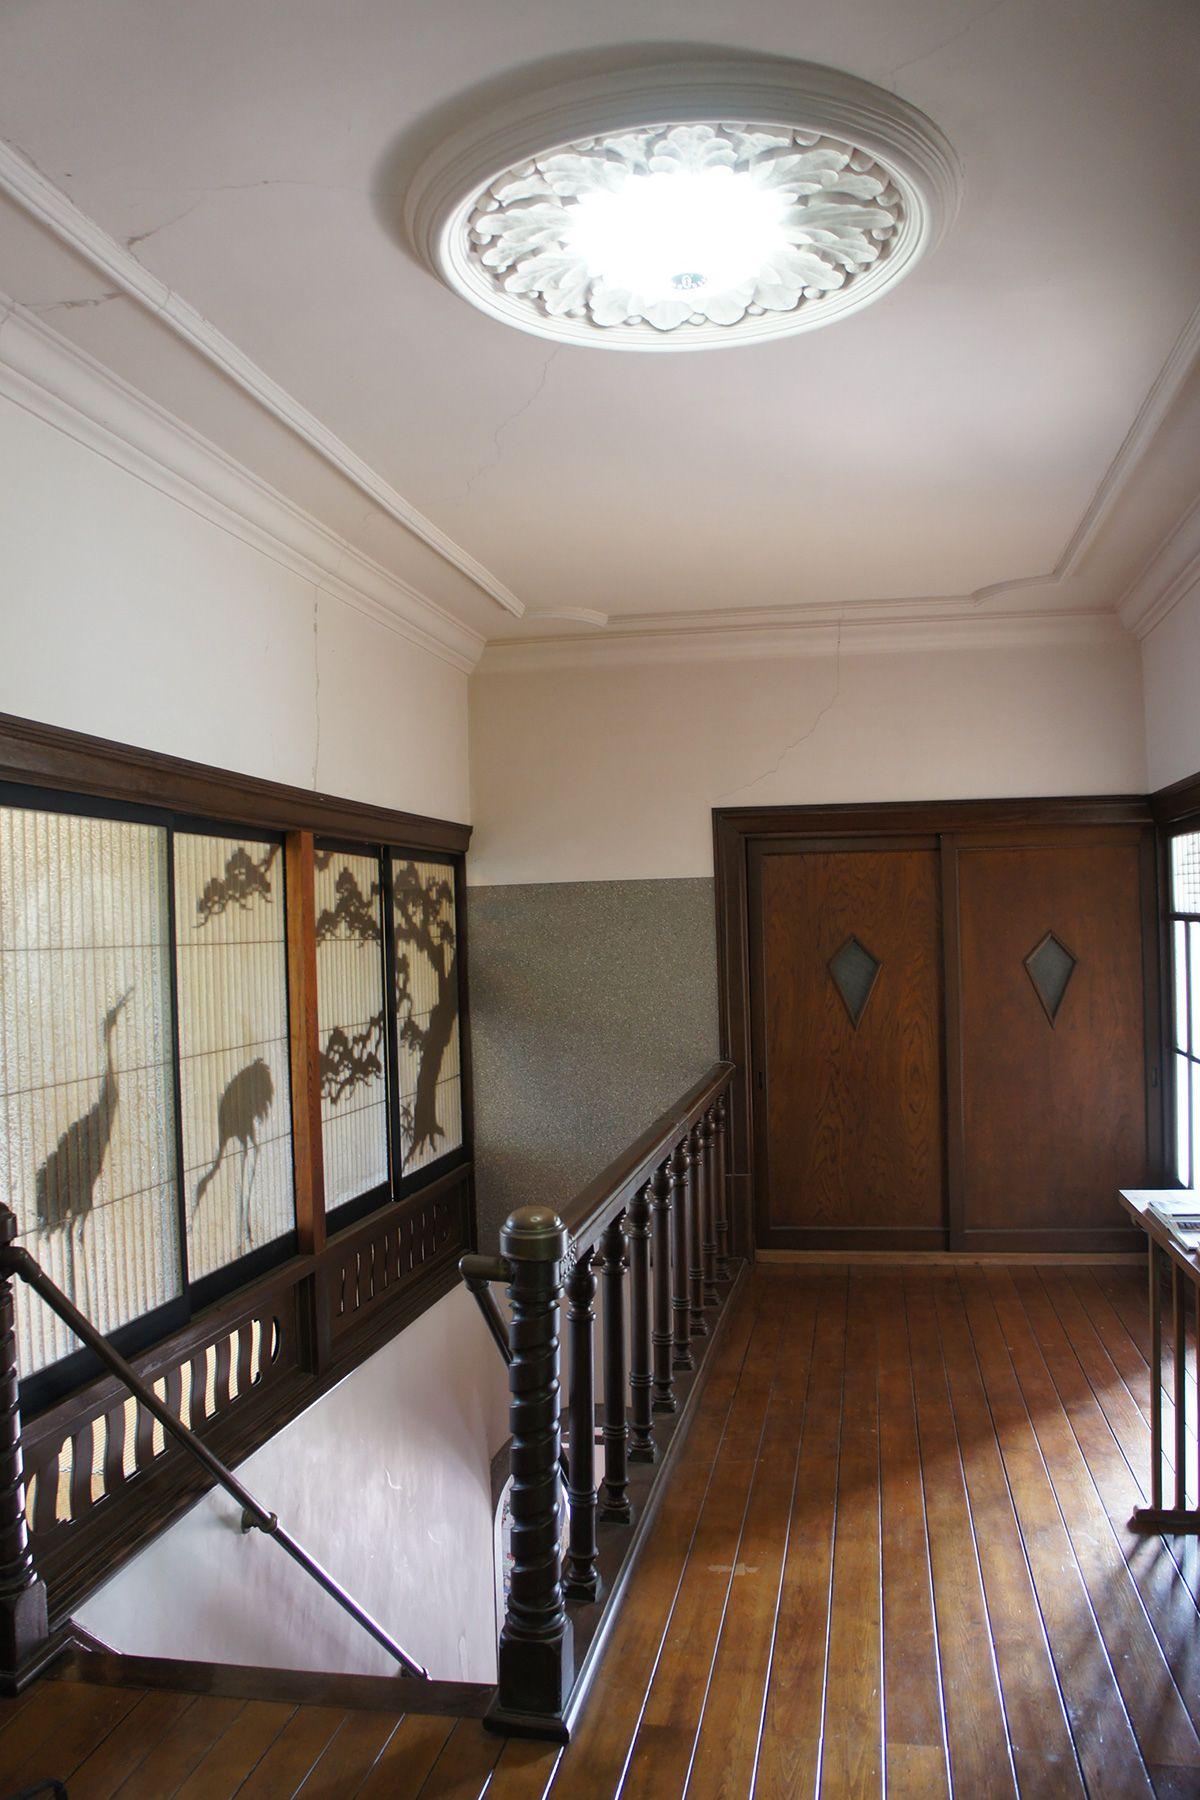 大日苑(ダイニチエン)/旧植竹庄兵衛邸2階の廊下